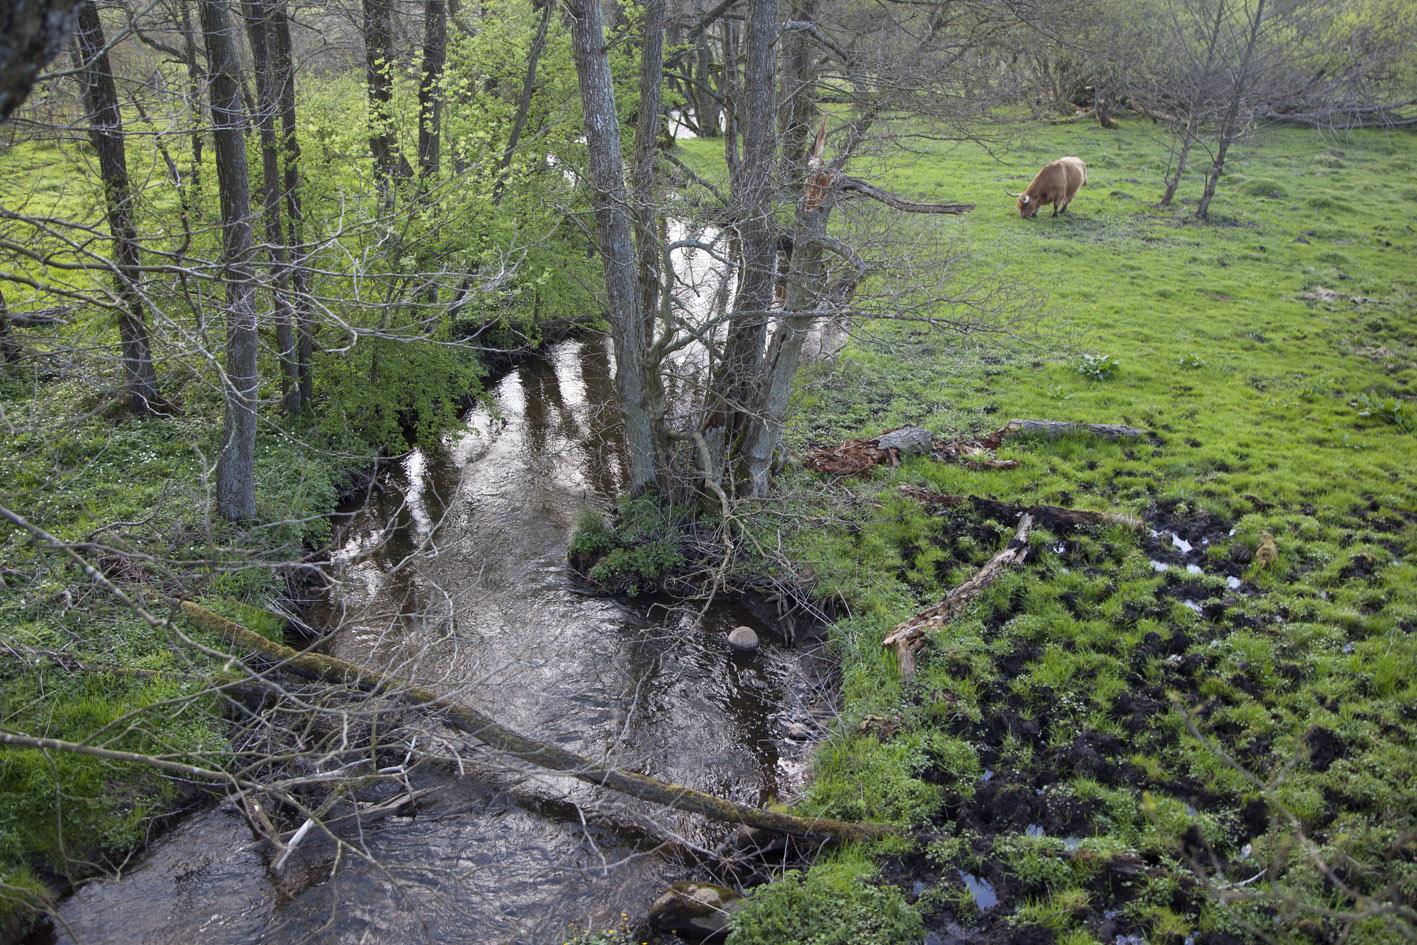 Et naturligt ureguleret vandløb